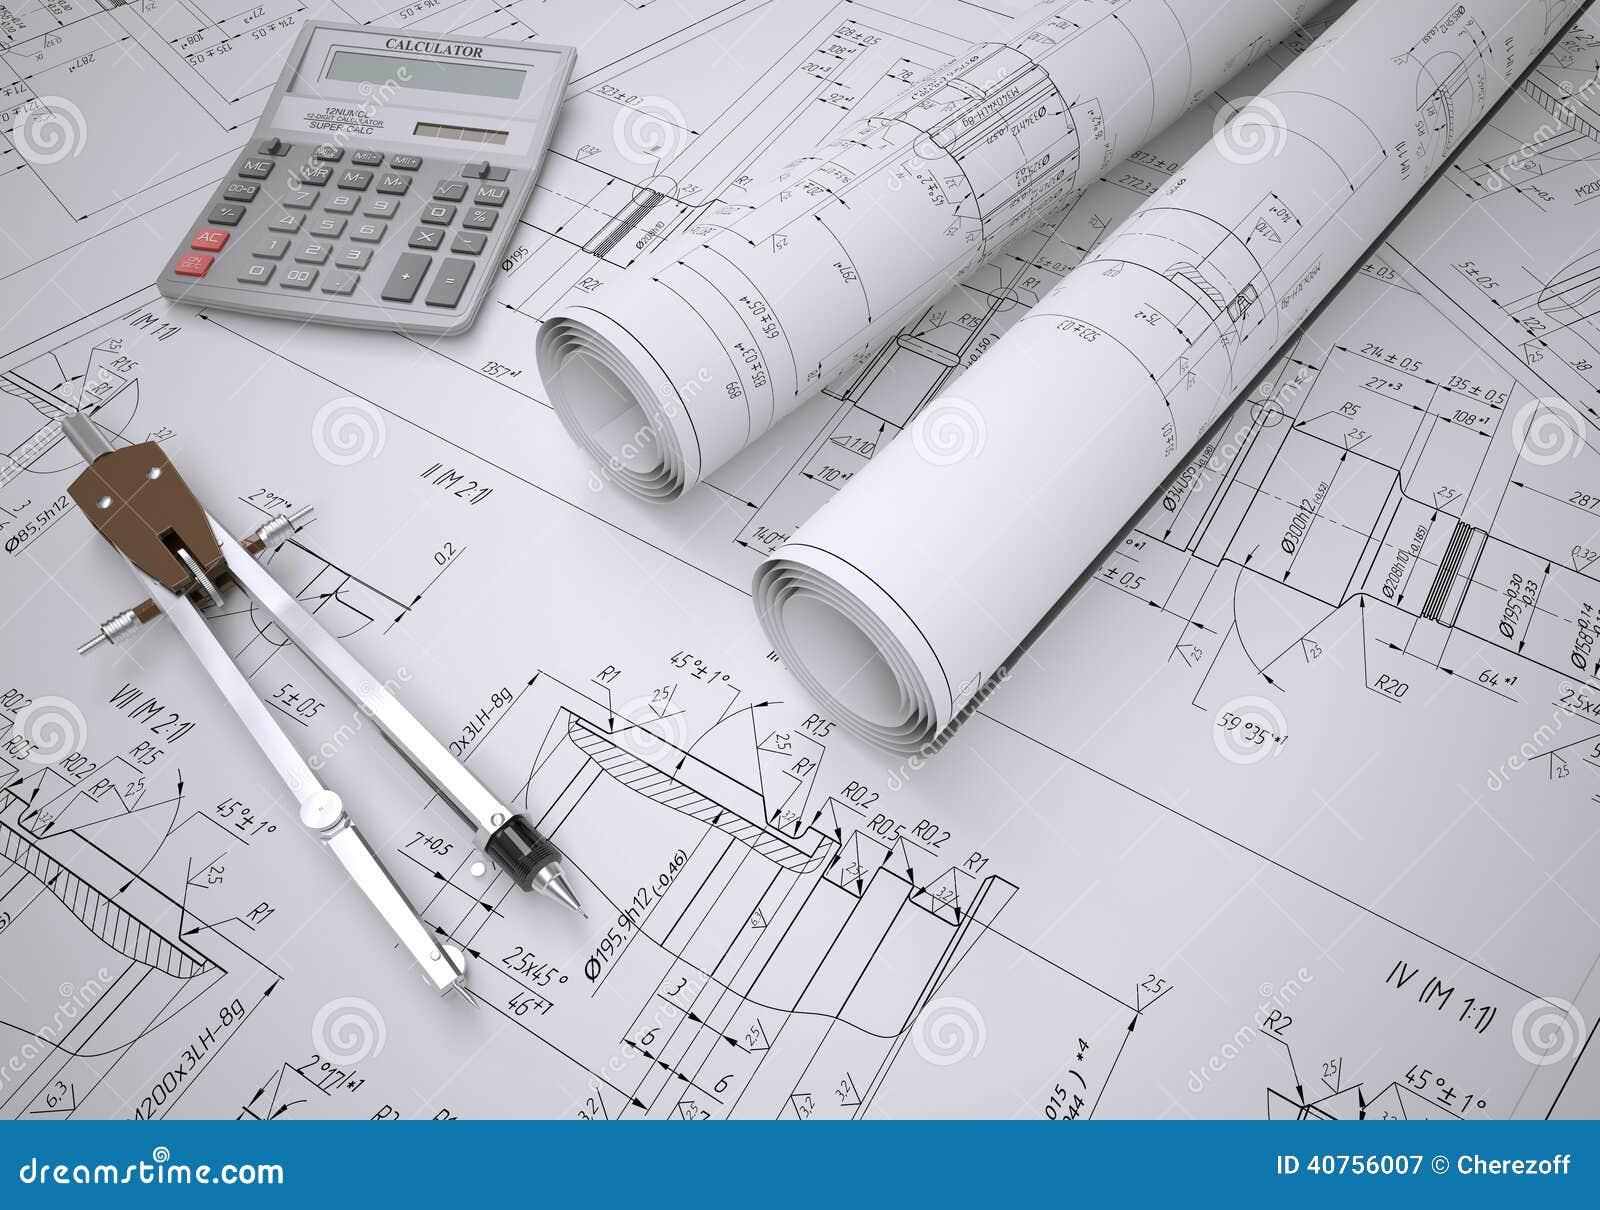 Großzügig Konstruktionszeichnung Werkzeug Ideen - Elektrische ...